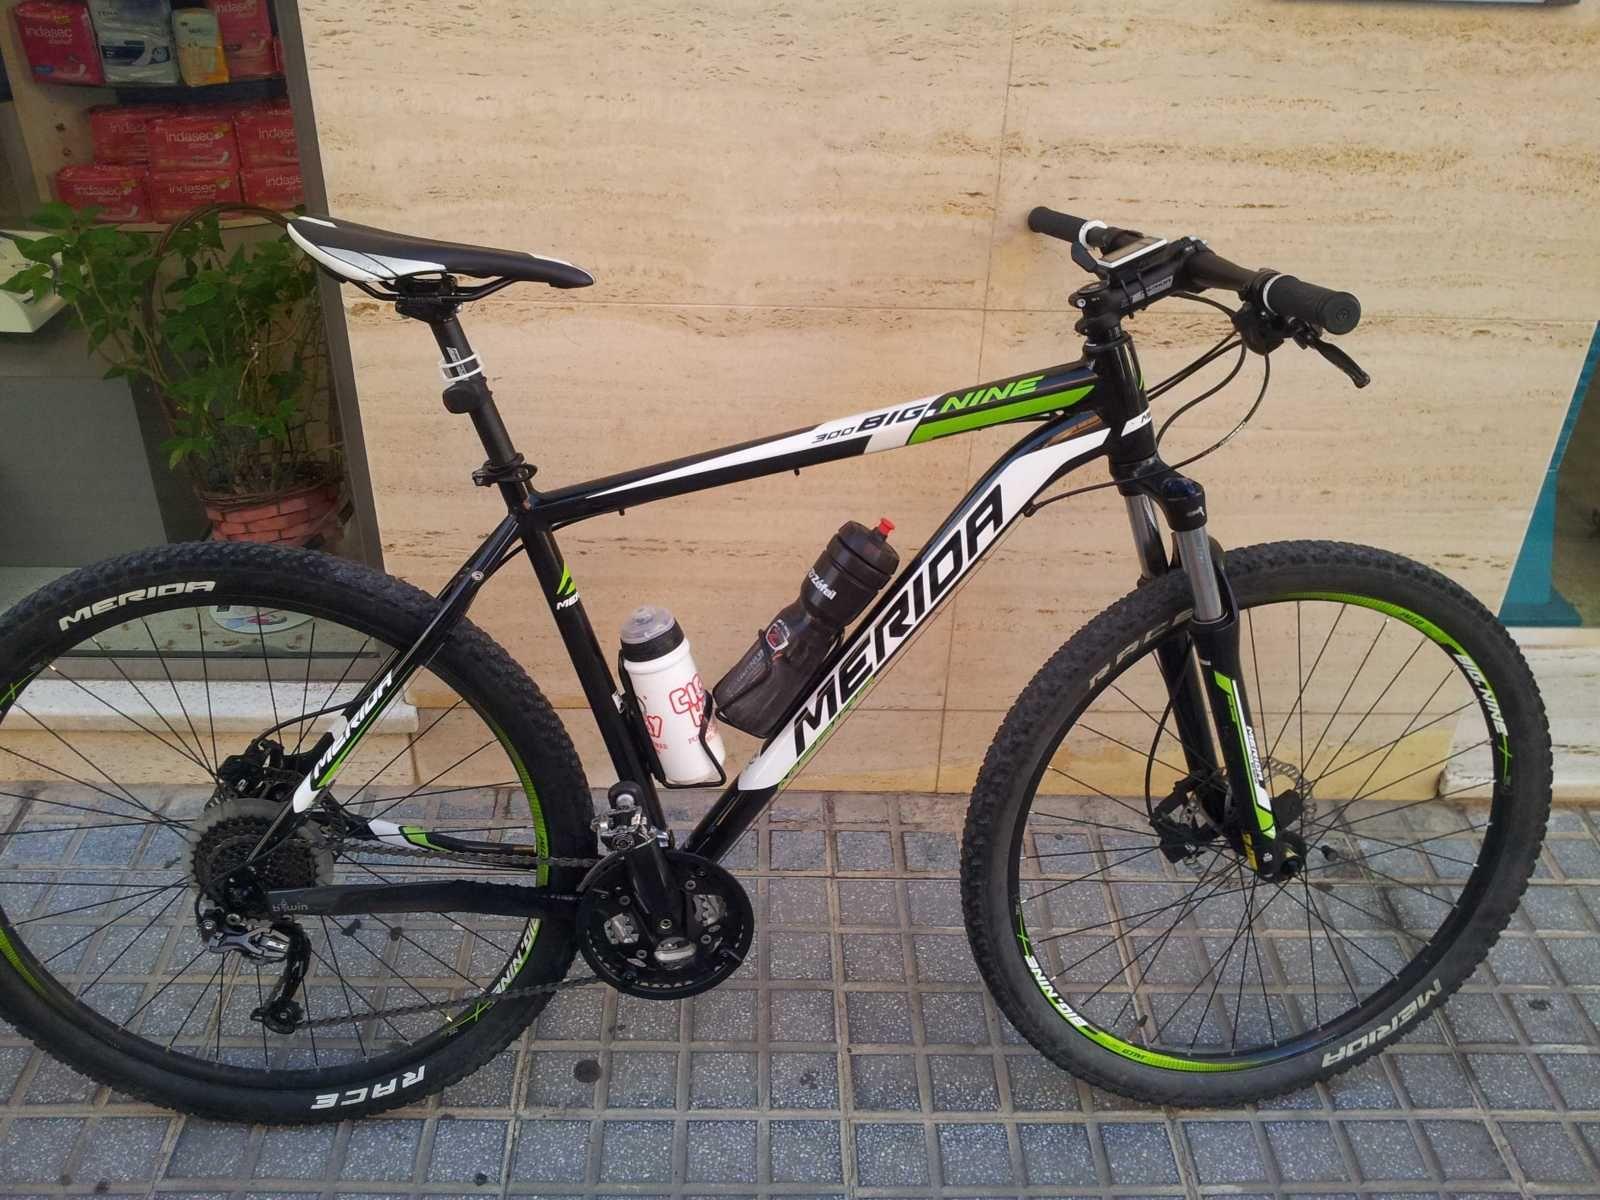 Bicicleta De Montaña Merida Big Nine Ref 36301 Talla 21 Año 2015 Cambio Shimano Slx Cuadro De Aluminio Bicicletas Bicicletas Mtb Bicicletas De Montaña